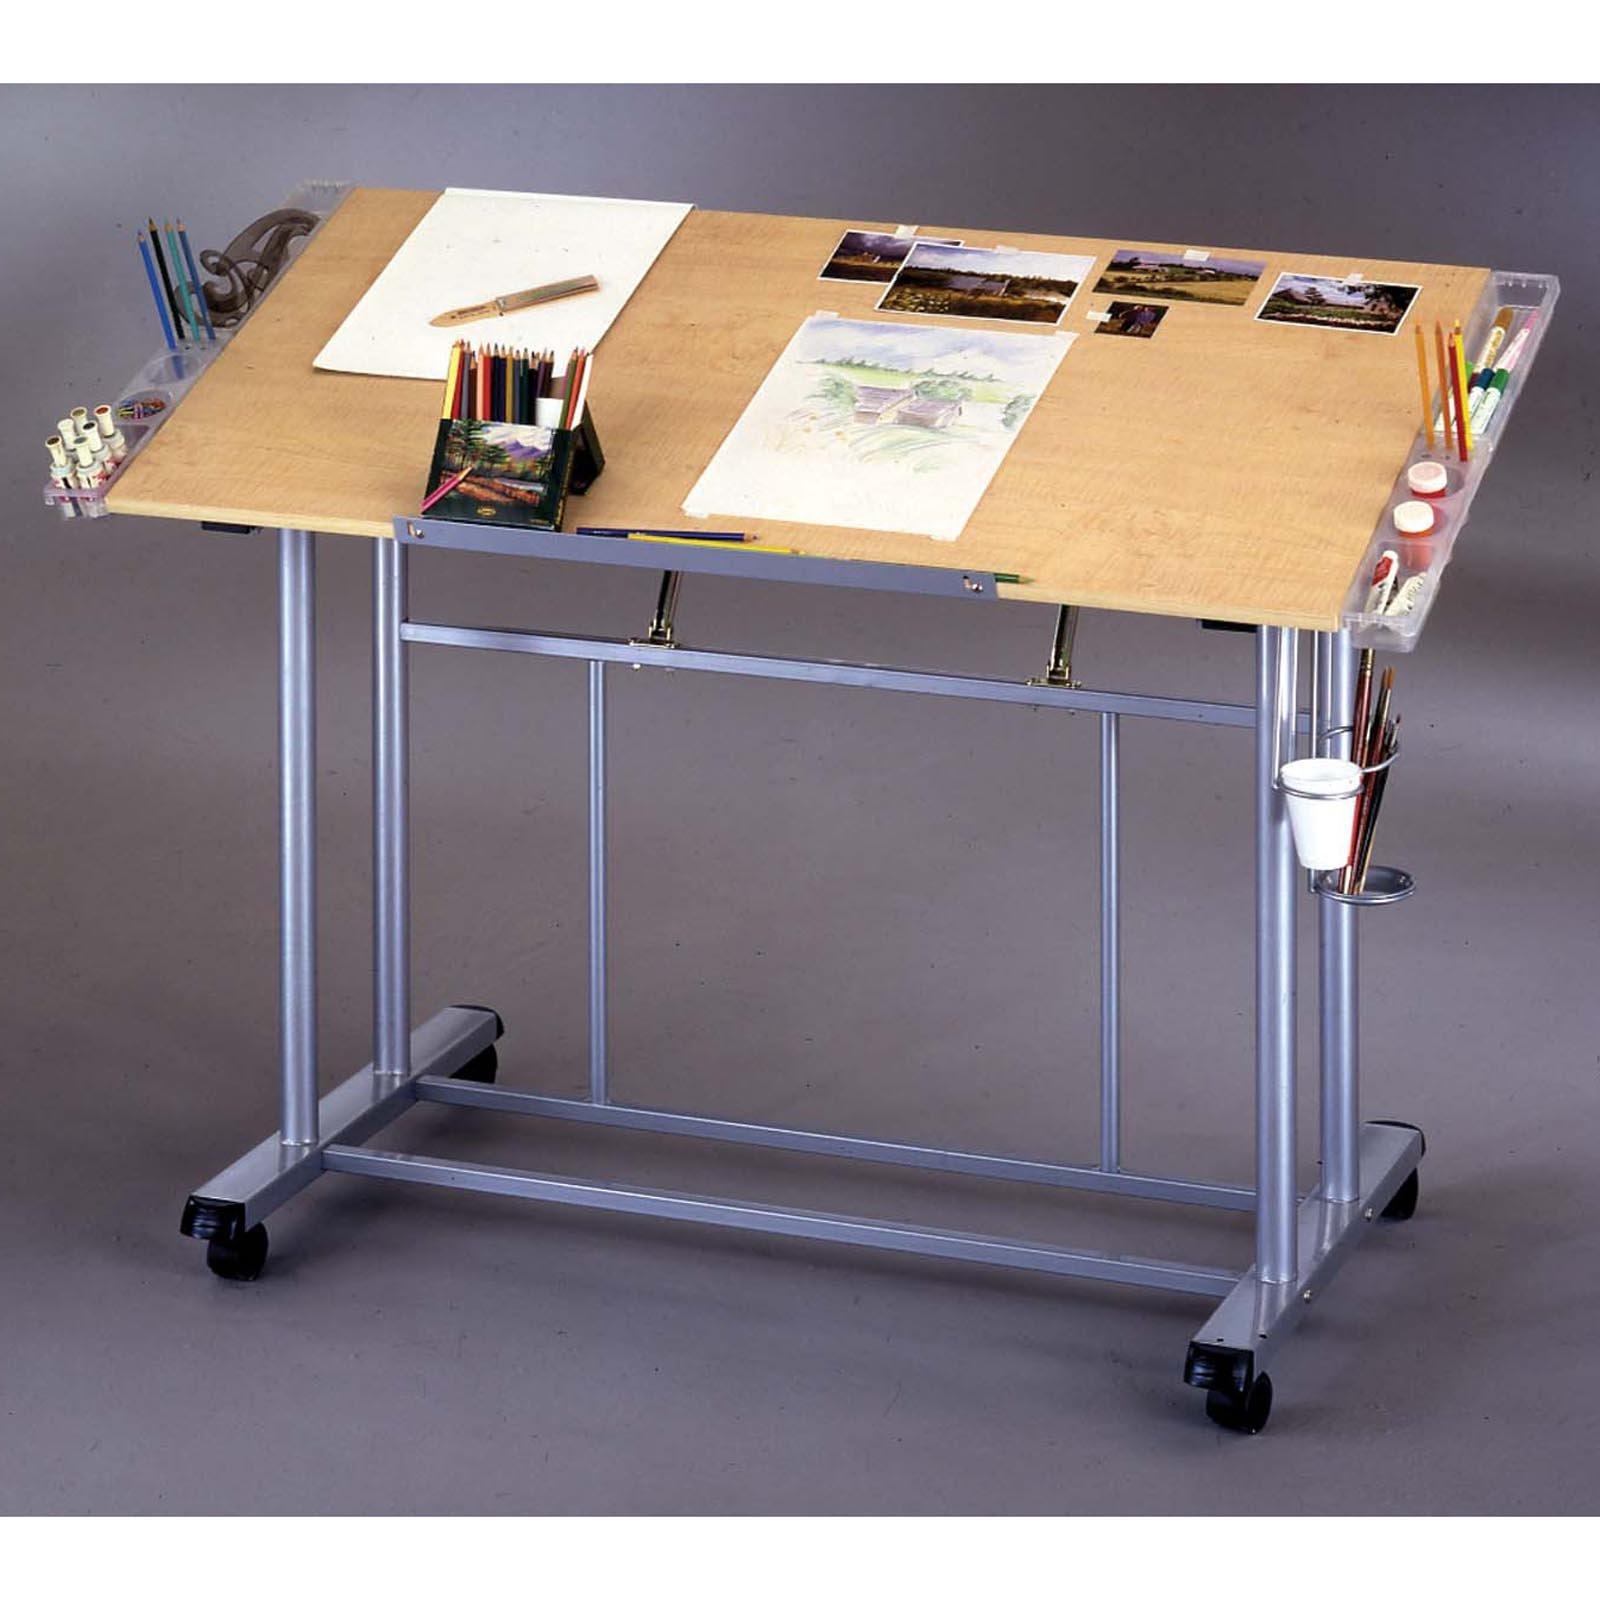 Siempre nos quedara potedaia retomando los pinceles i - Mesas de dibujo ...